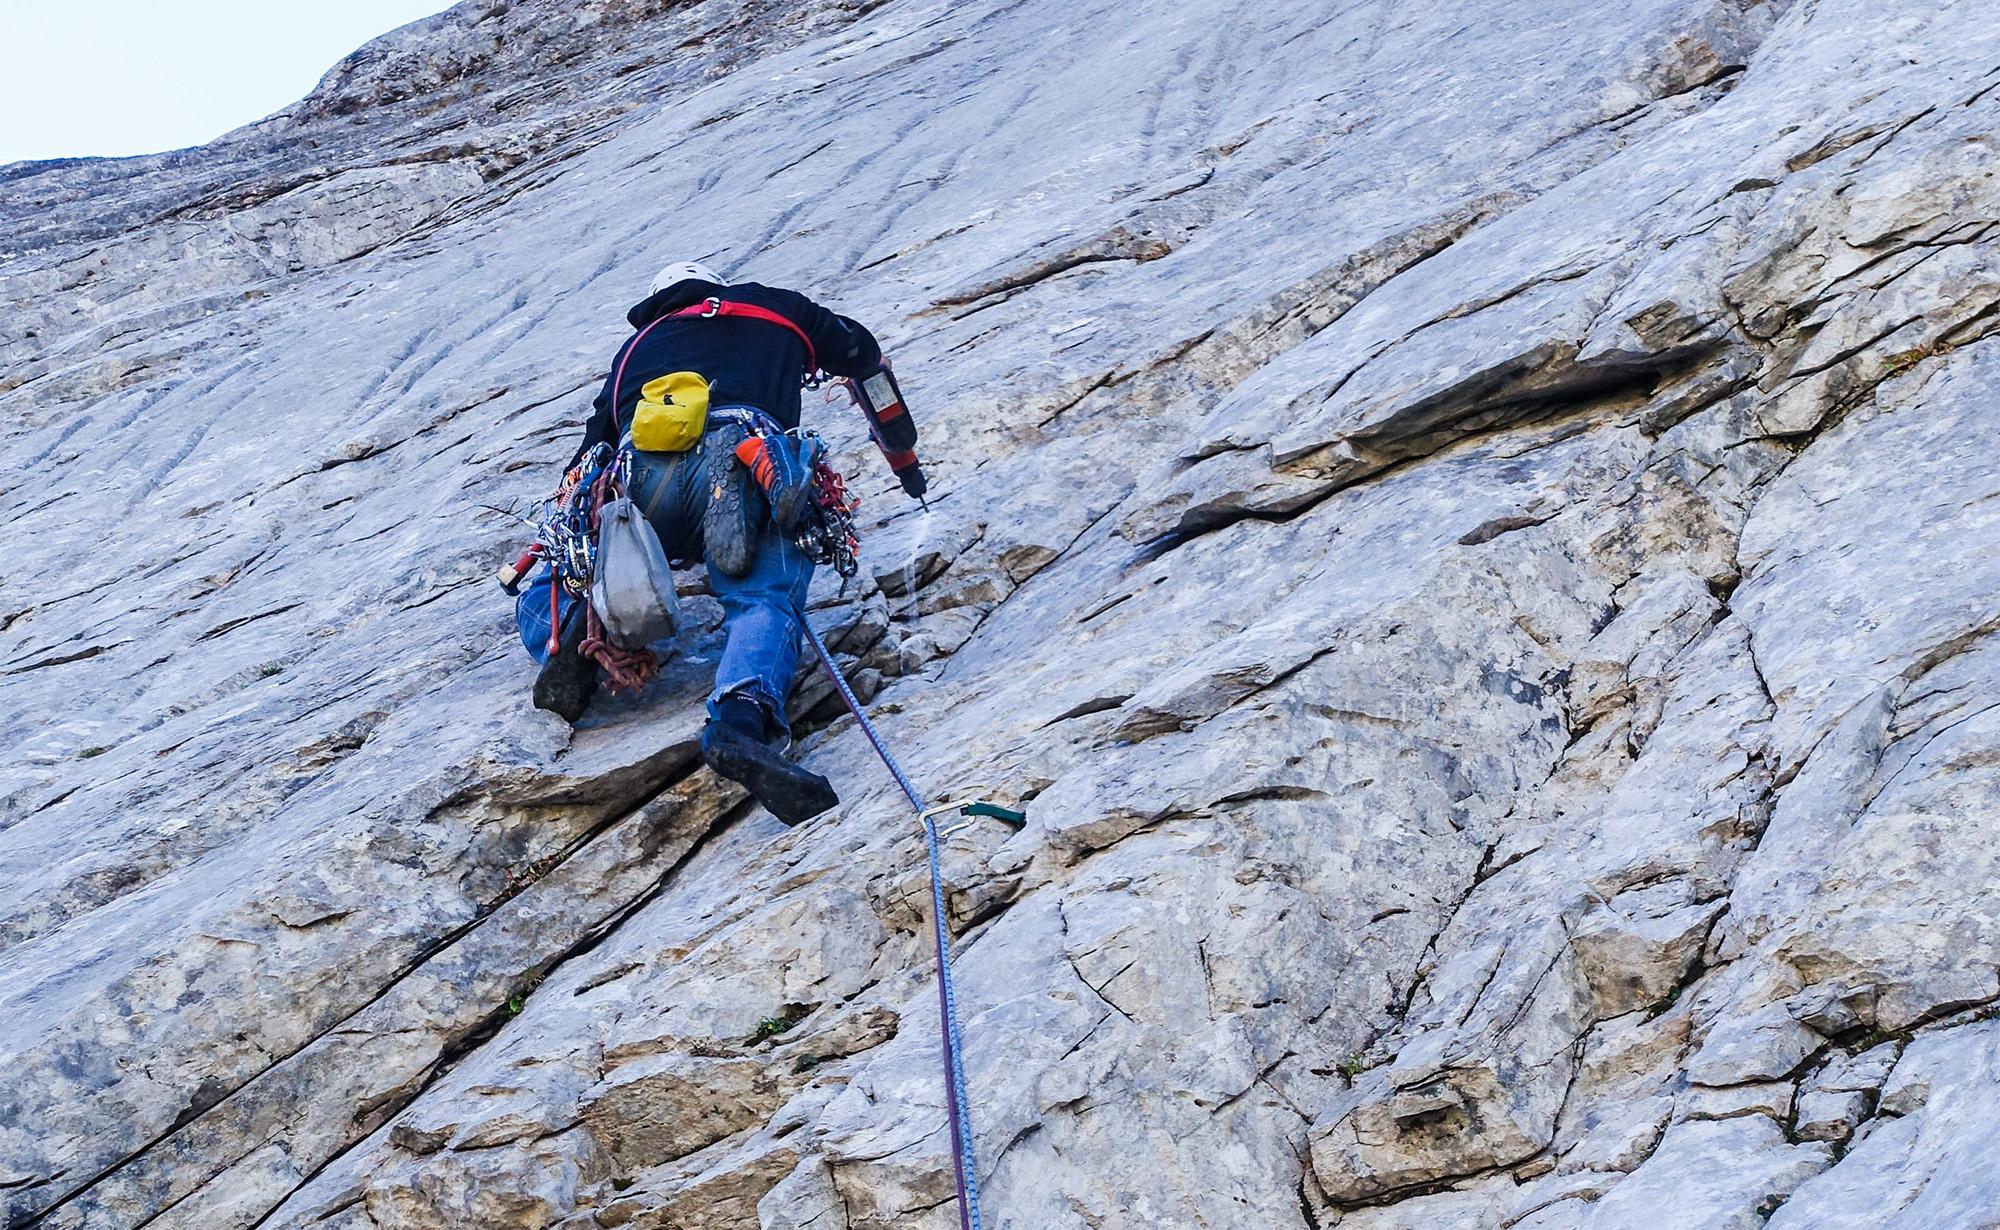 Zum Erschließen von Kletterrouten gehört mehr als nur eine vollgeladene Bohrmaschine: Beschäftigung mit Rechtslage und Naturschutz.